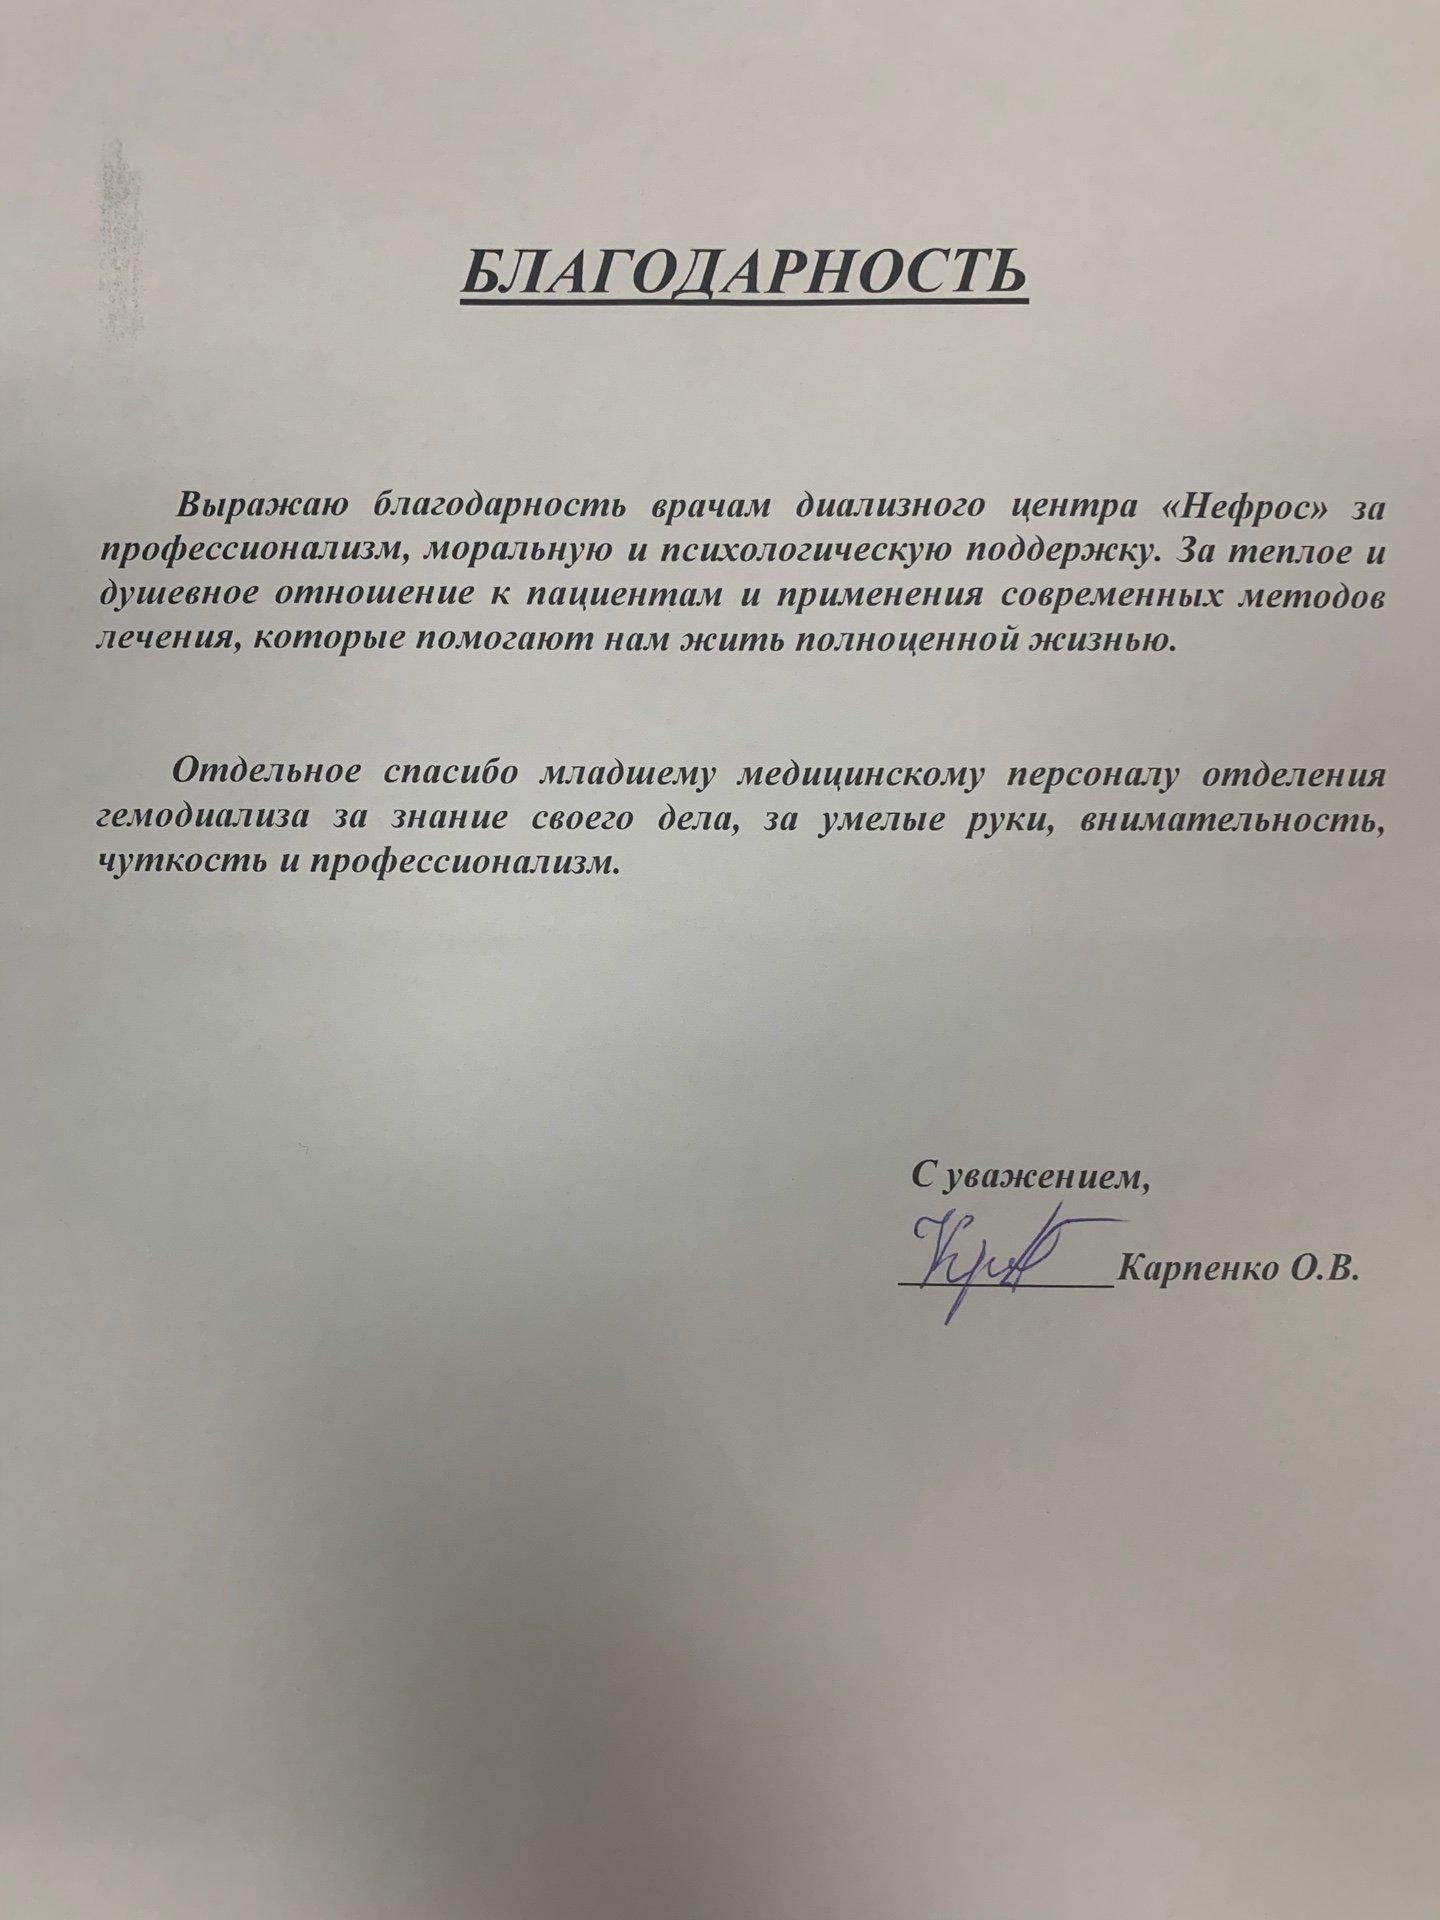 Карпенко О.В